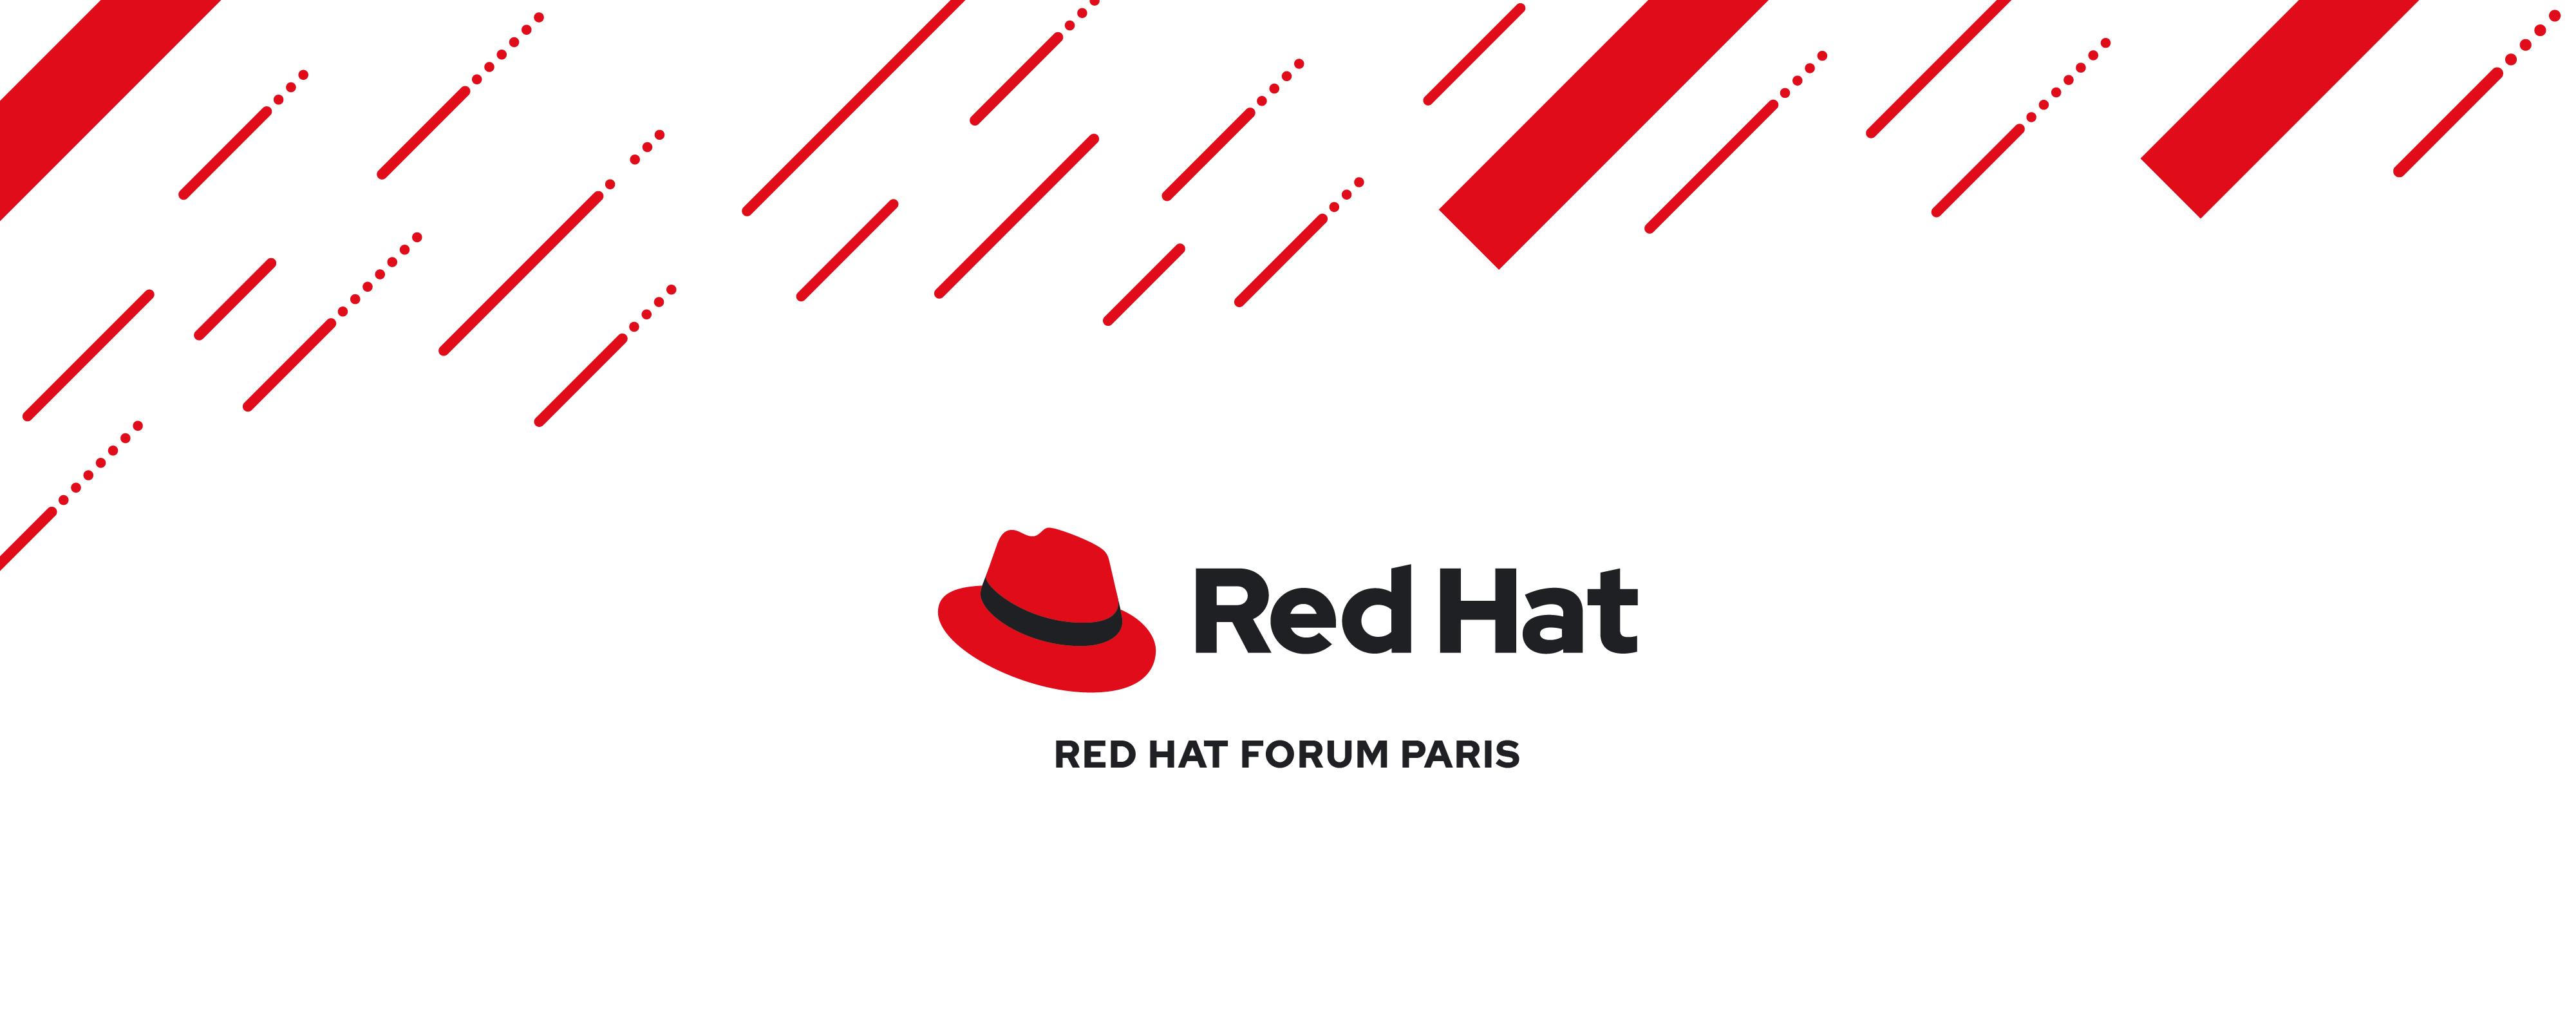 Redhat_redHat